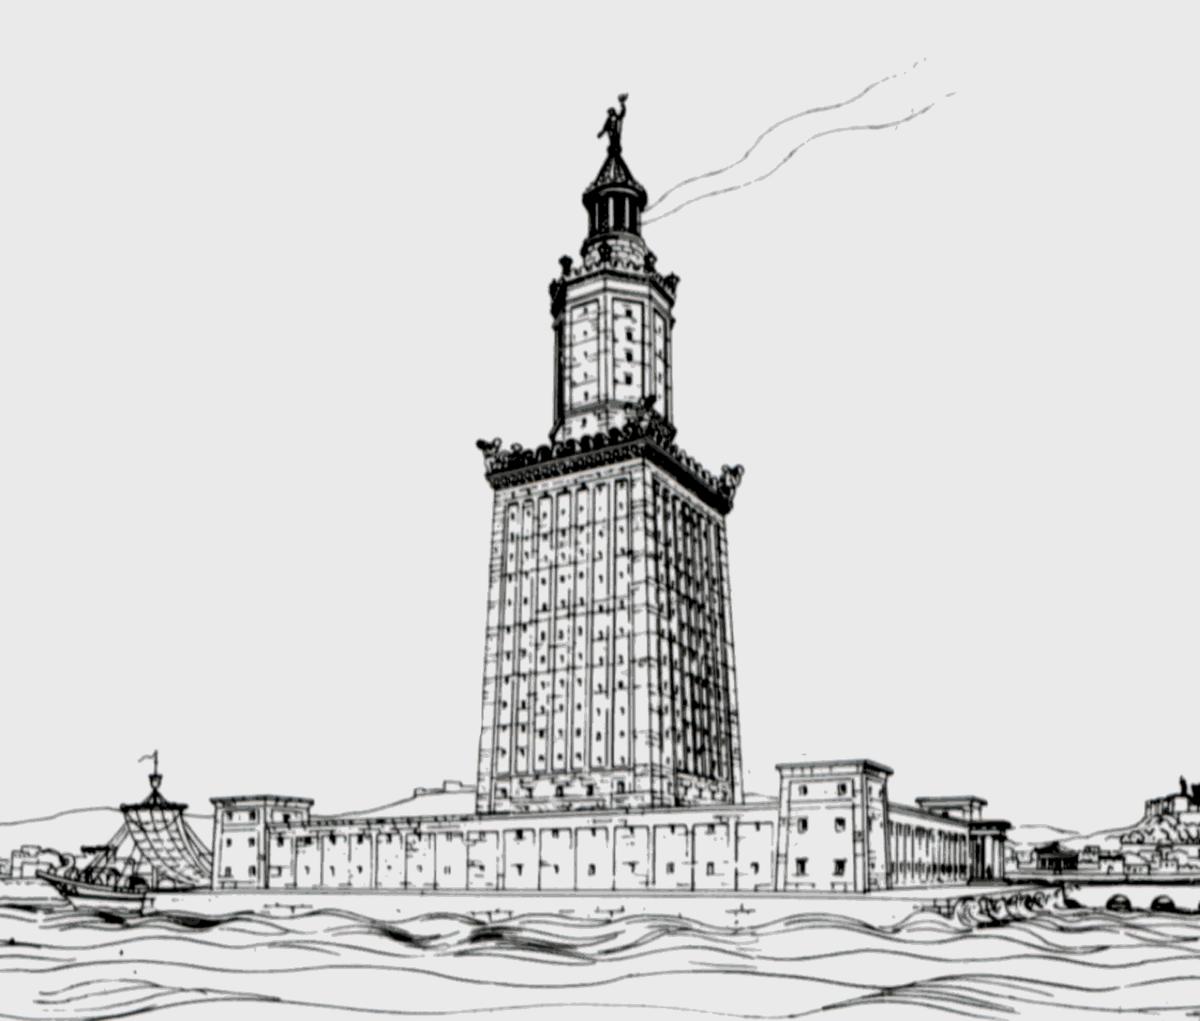 Faro de Alejandría - Wikipedia, la enciclopedia libre